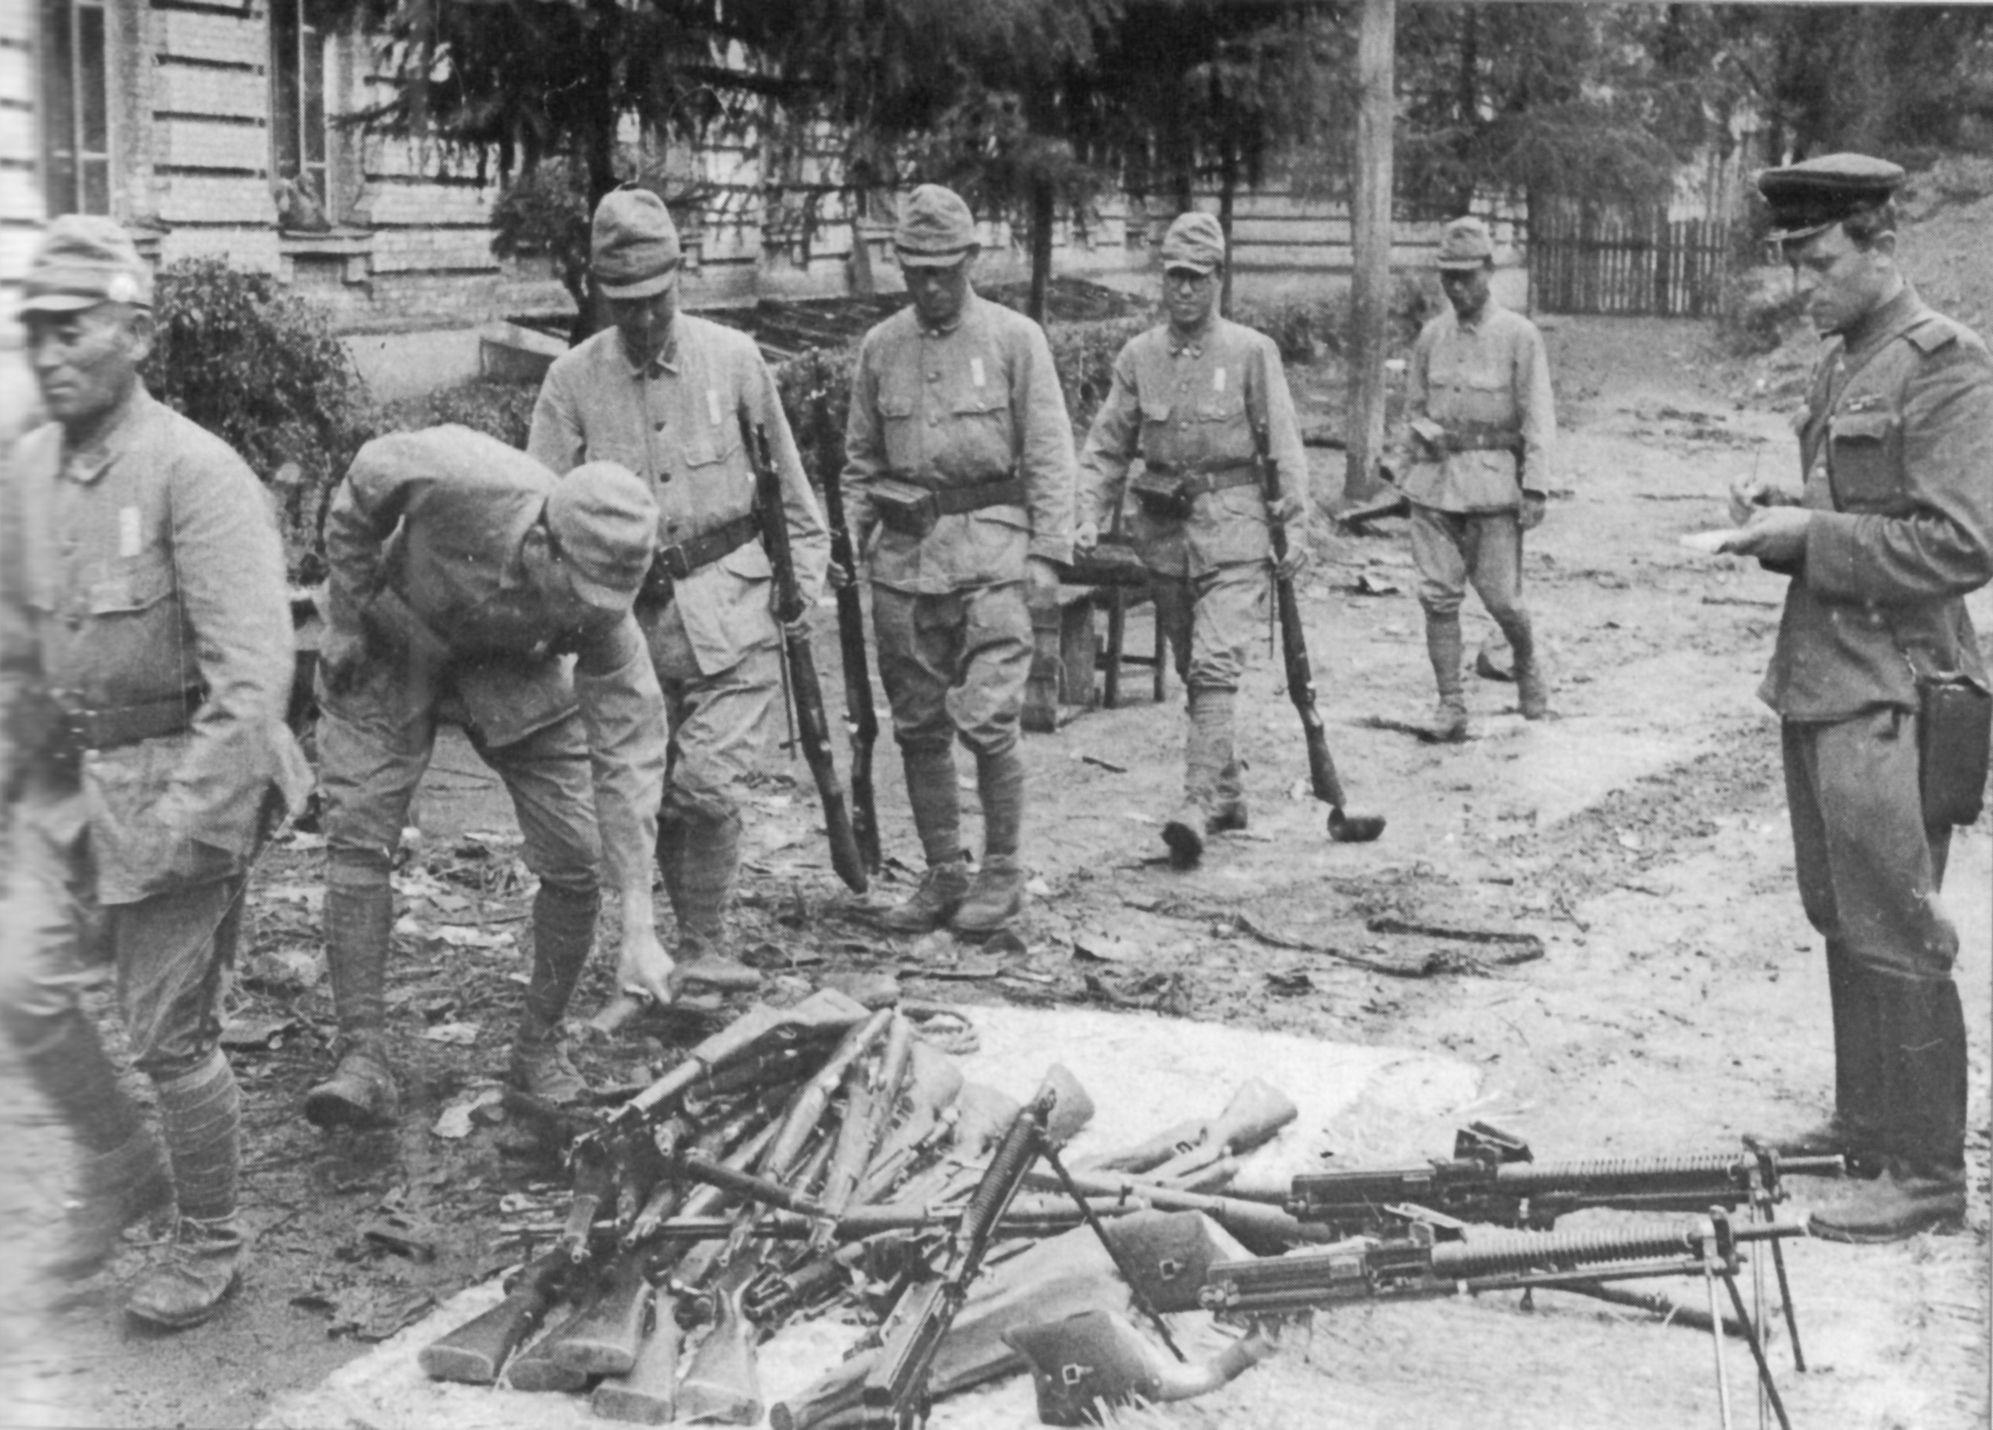 1945. Японские солдаты сдают свое оружие советскому офицеру.